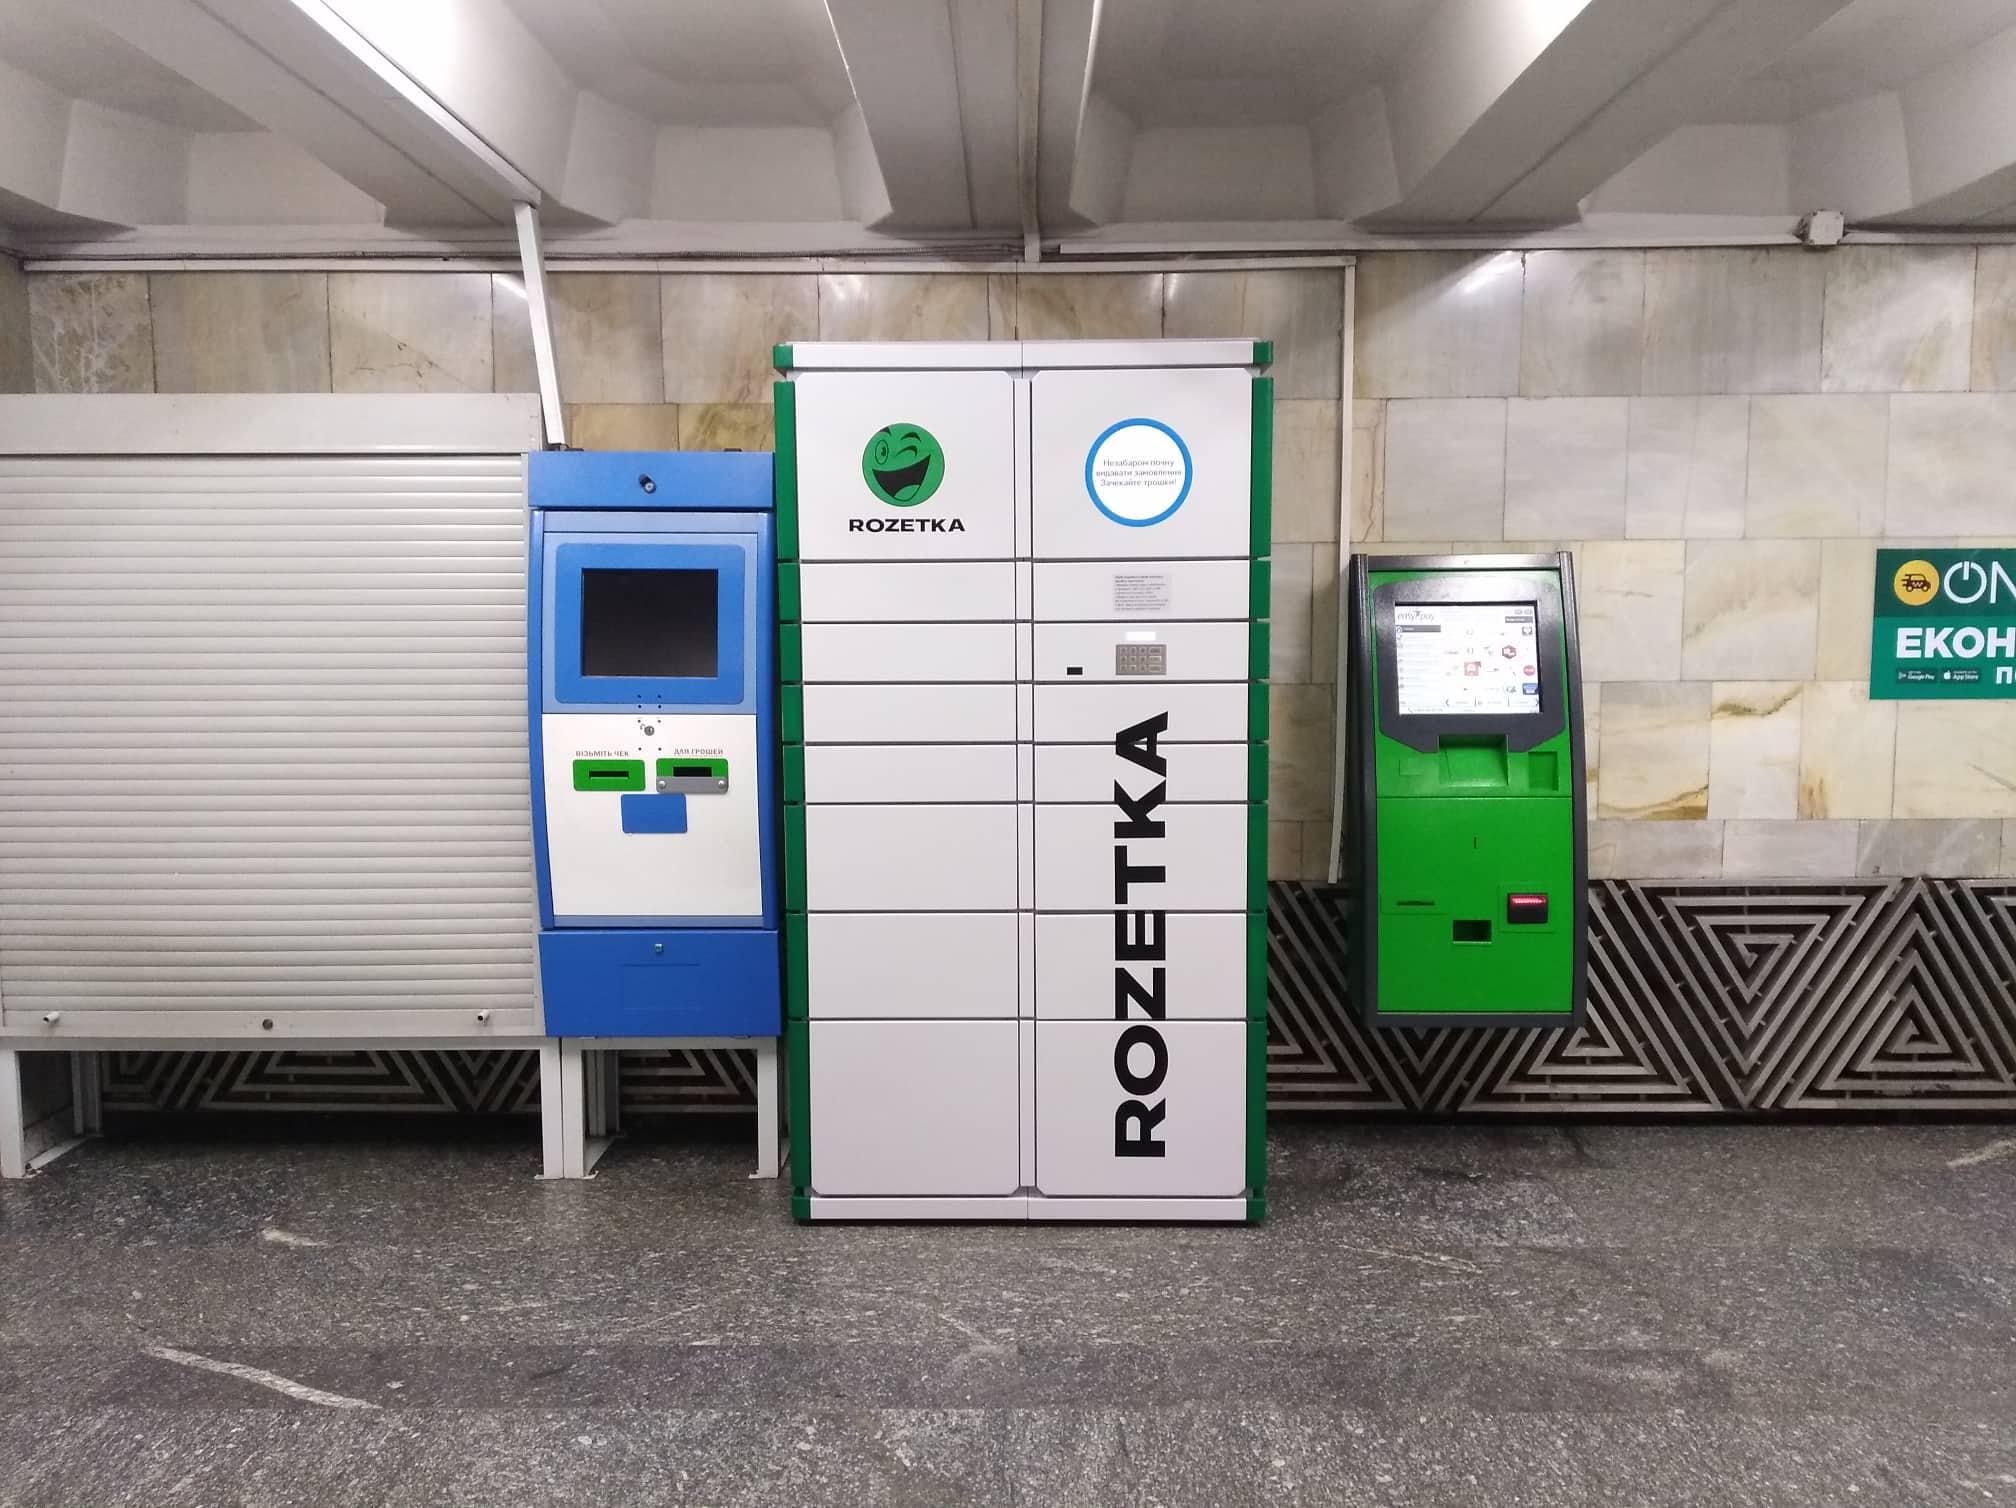 51df9f02493d Первый автомат установлен в холле станции метро Контрактовая площадь. Пока  воспользоваться им могут только сотрудники компании, но уже в марте его  обещают ...